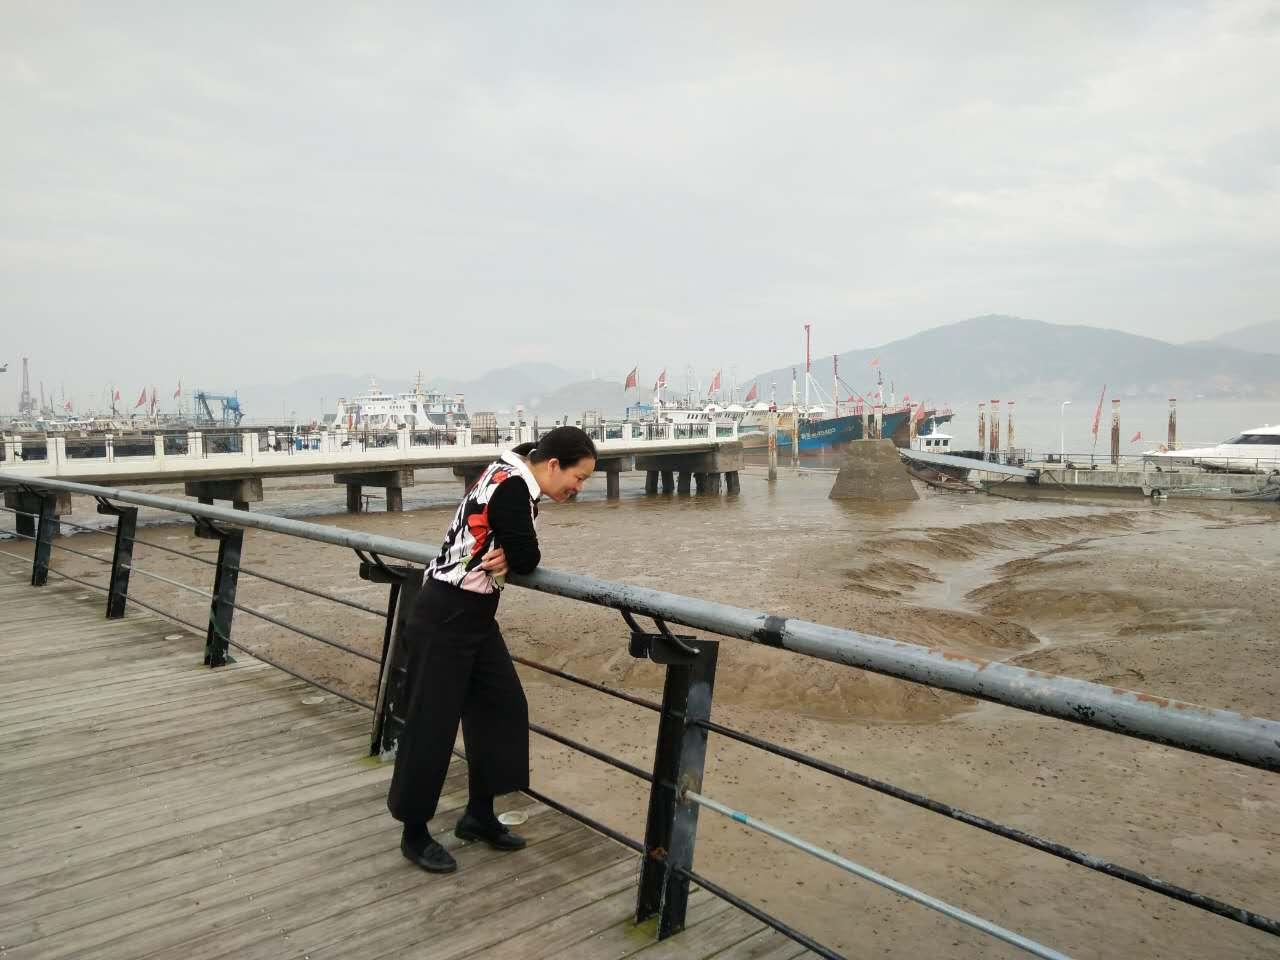 海边看螃蟹、跳跳鱼(2017.4.7...